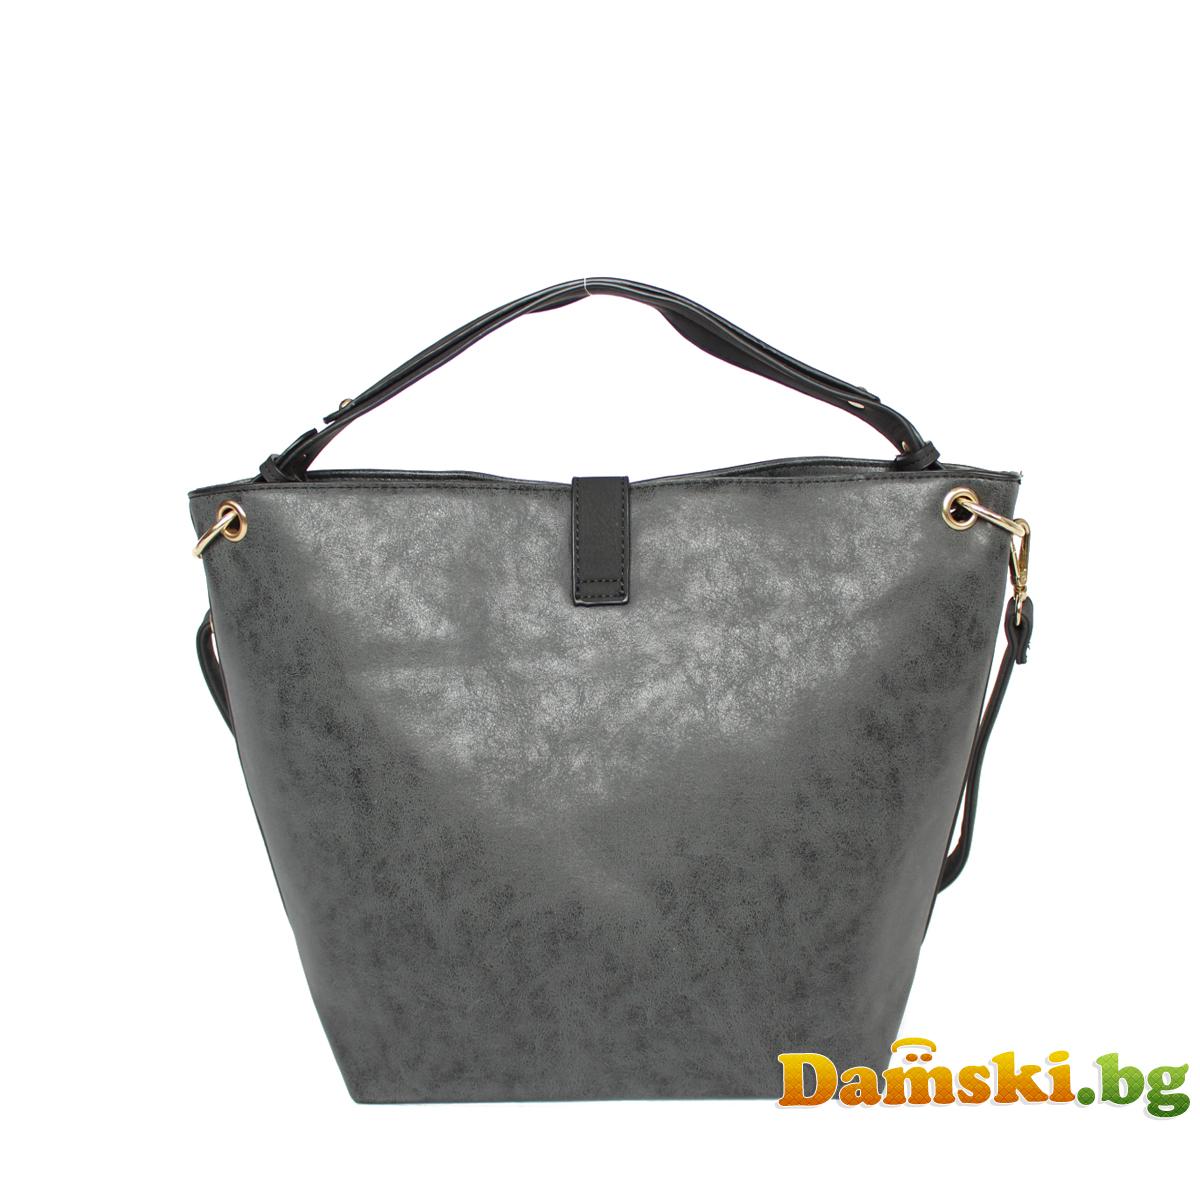 Ежедневна дамска чанта - Графитена Снимка 3 от 3